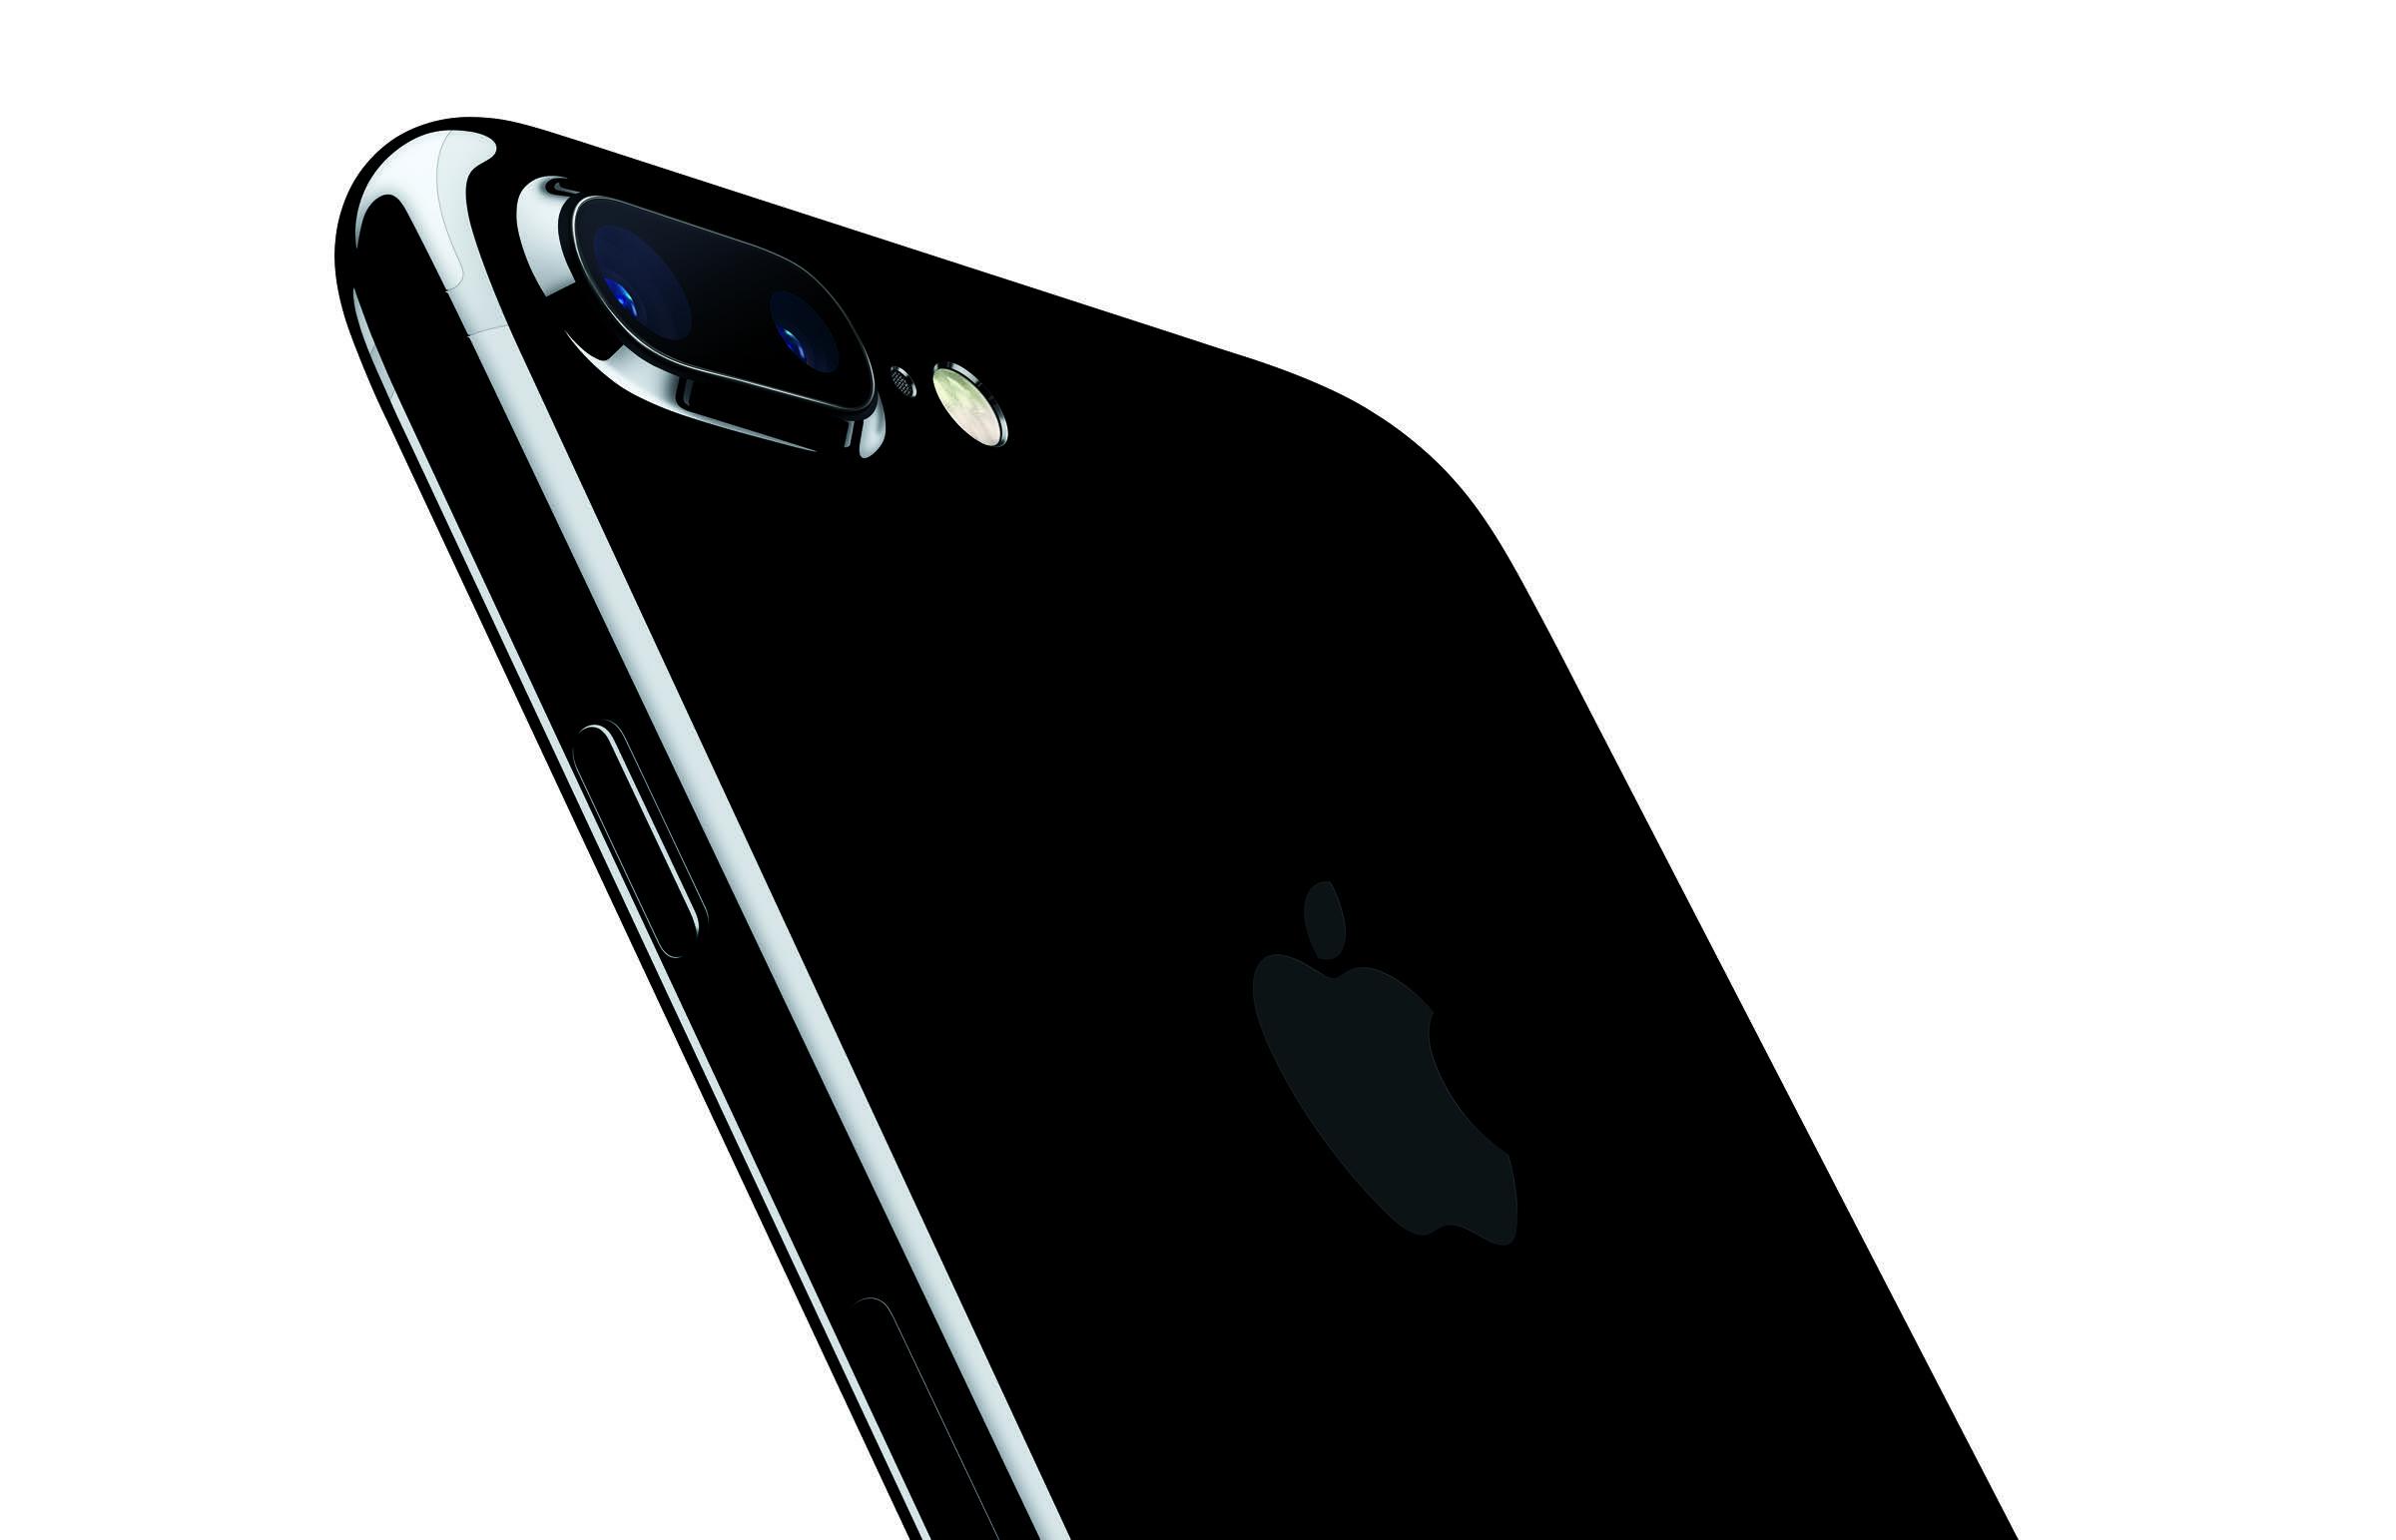 iPhone7Plus-JetBlk-34BR-LeanForward_PR-PRINT.jpg